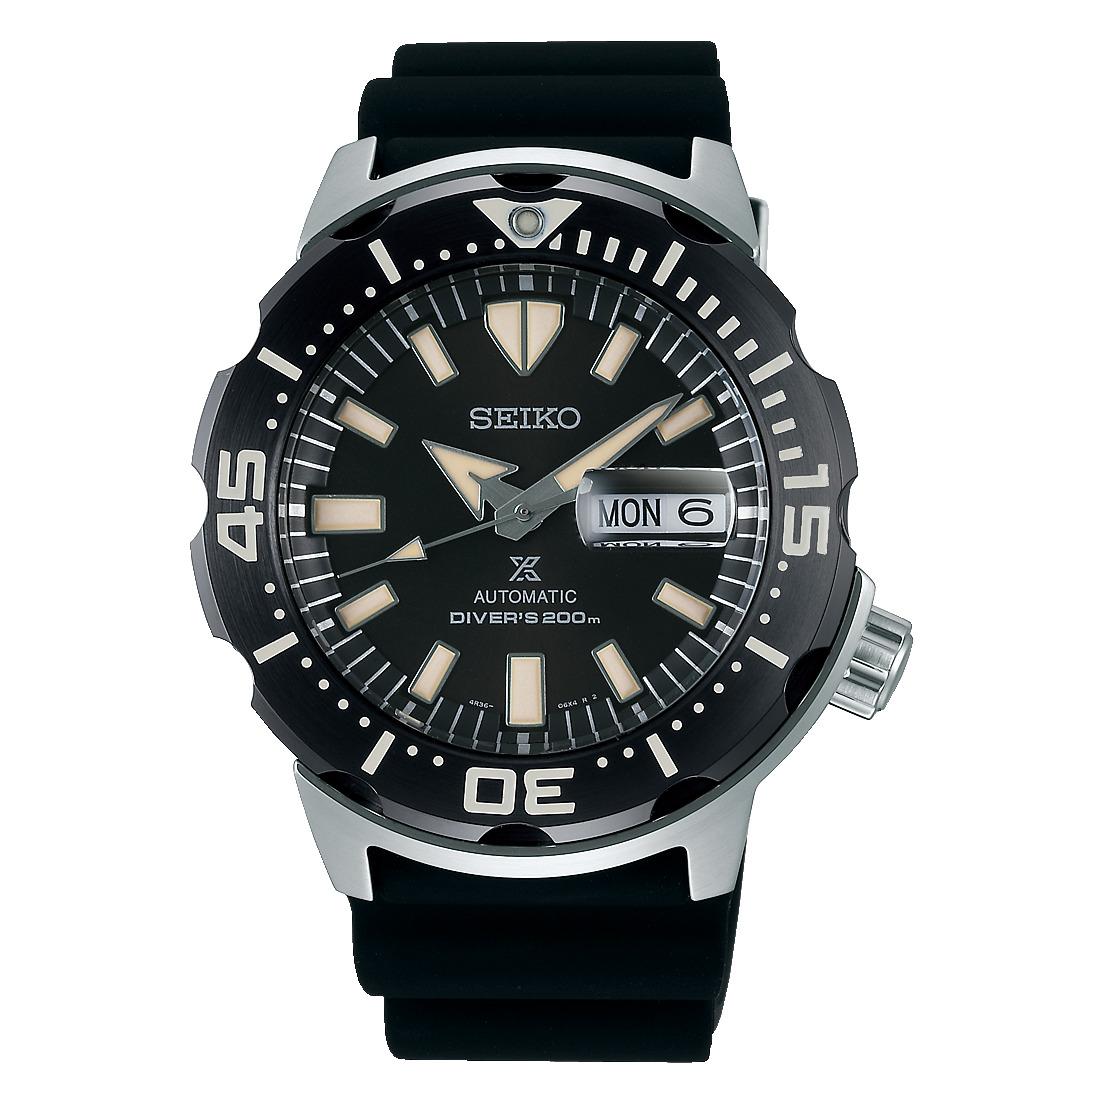 プロスペックス PROSPEX セイコー SEIKO SBDY035 モンスター 正規品 腕時計